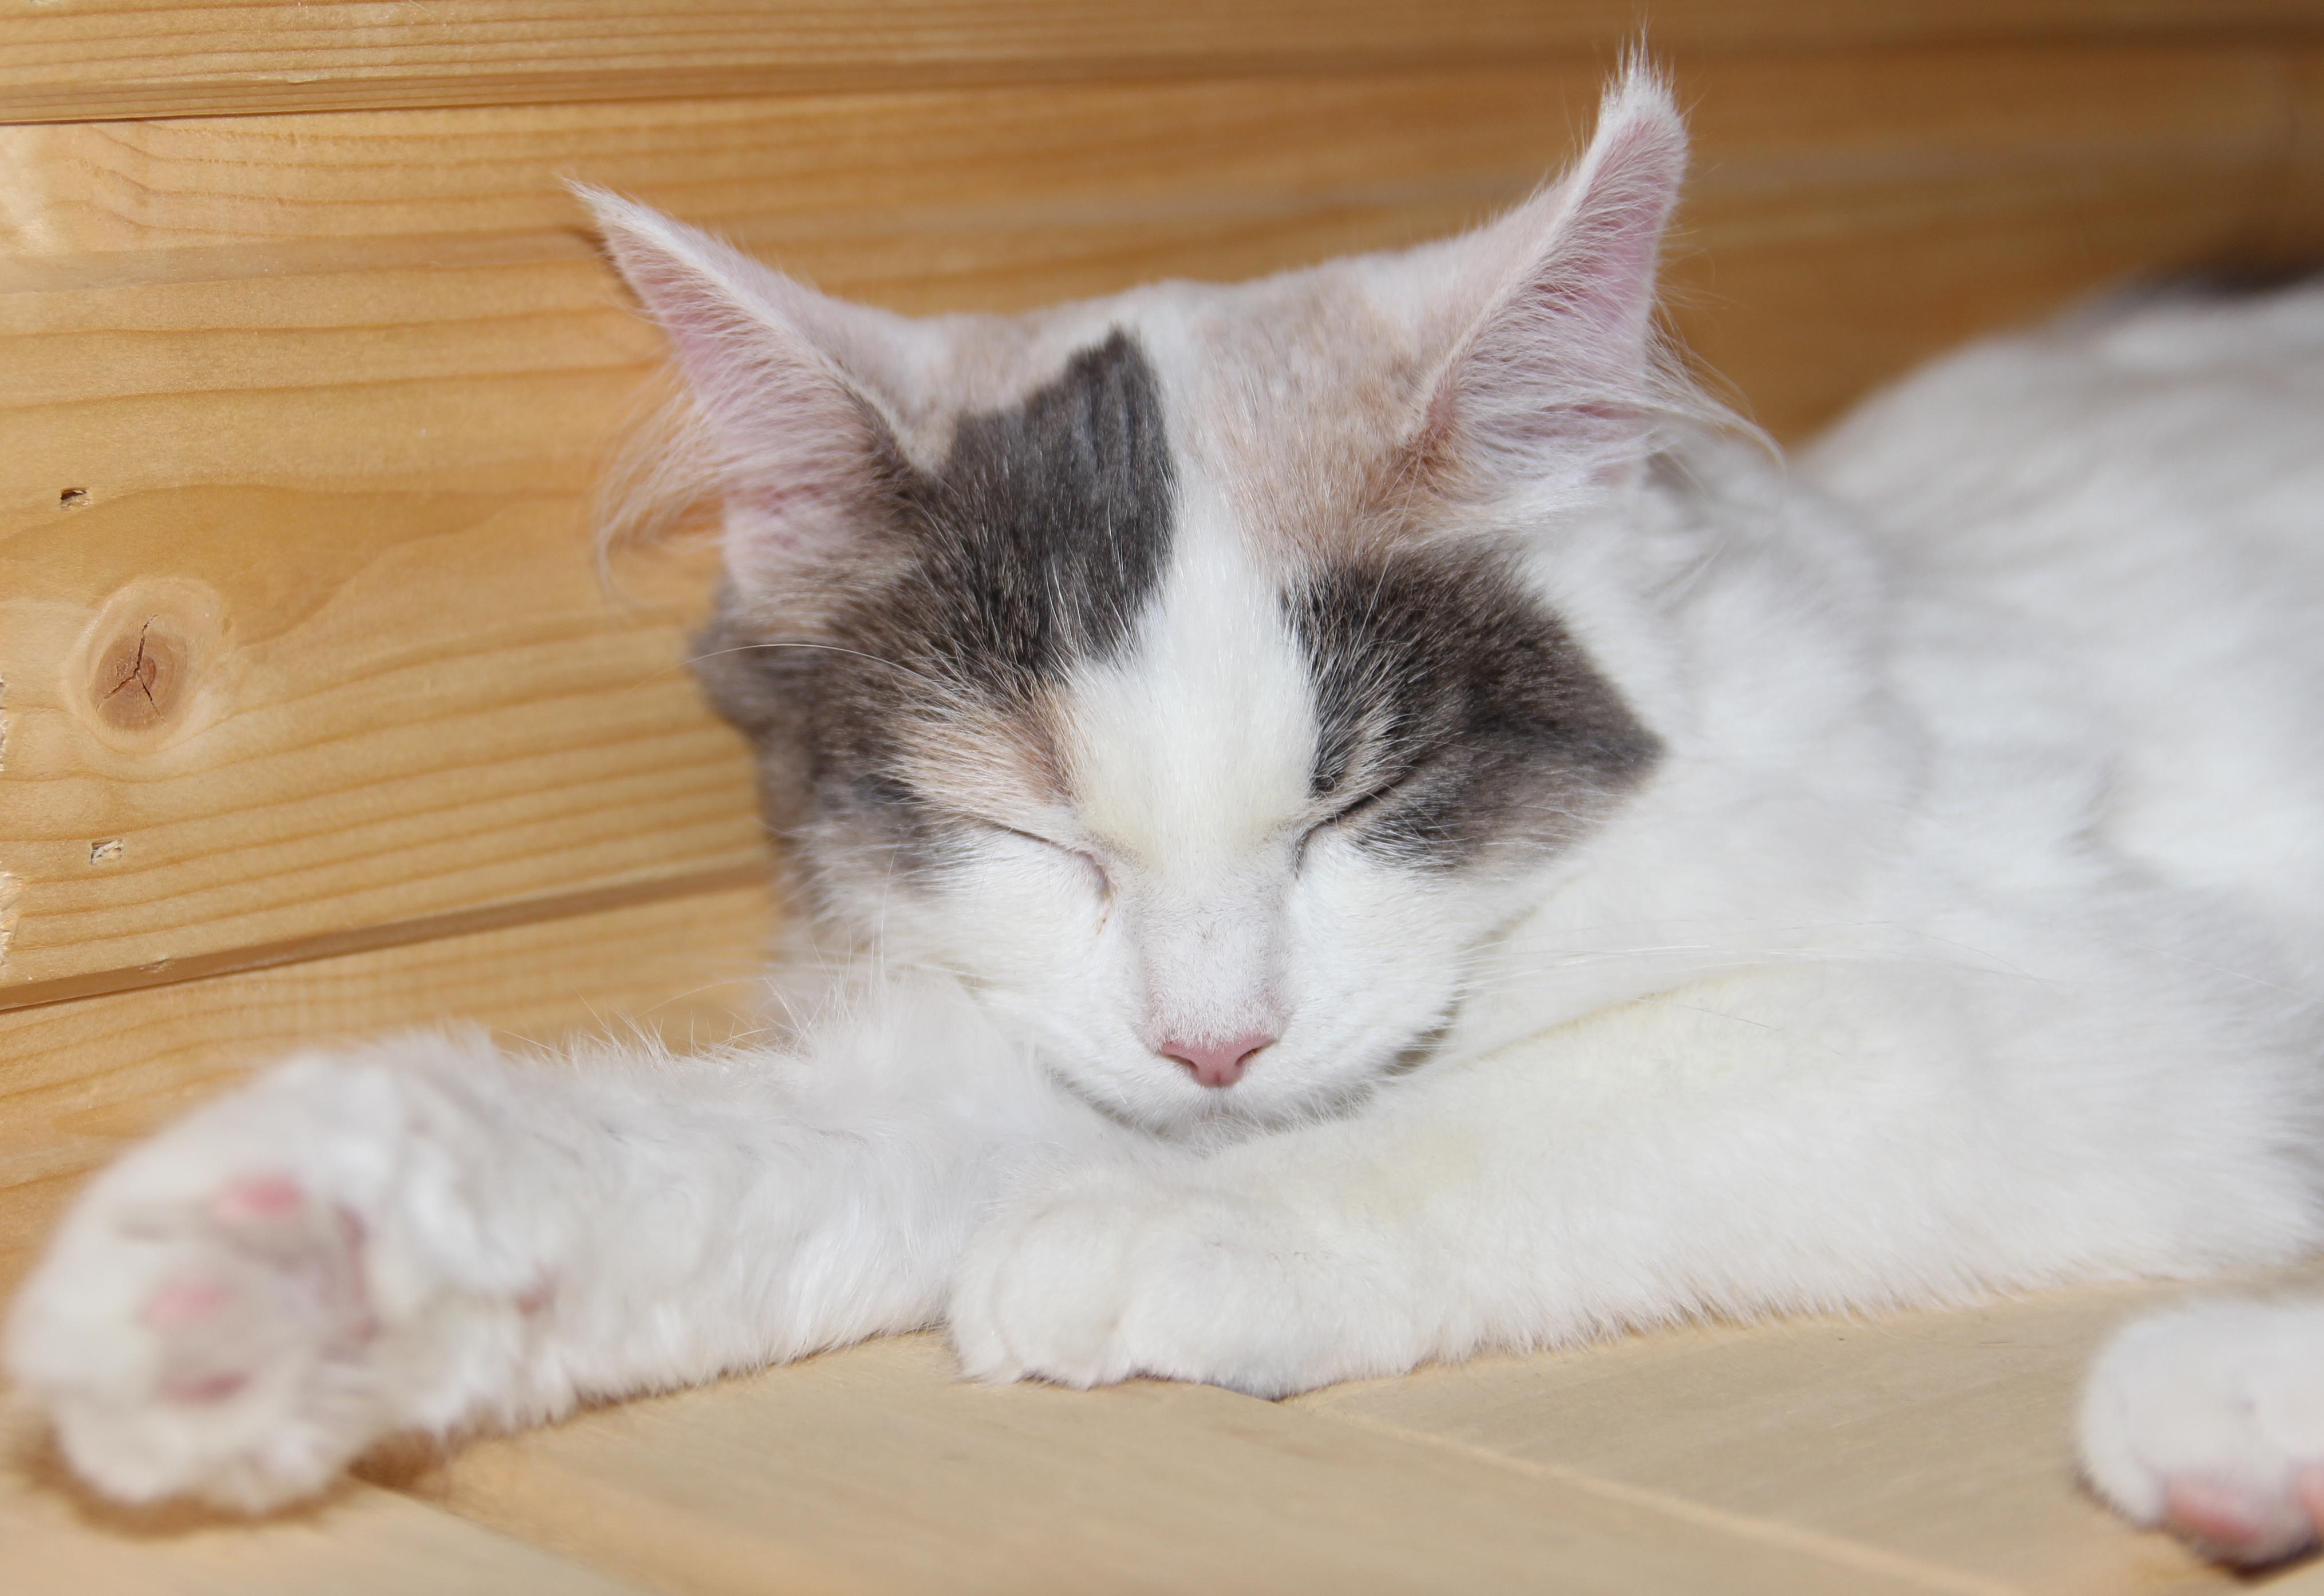 Free Images White Animal Cute Pet Kitten Feline Tabby Nose